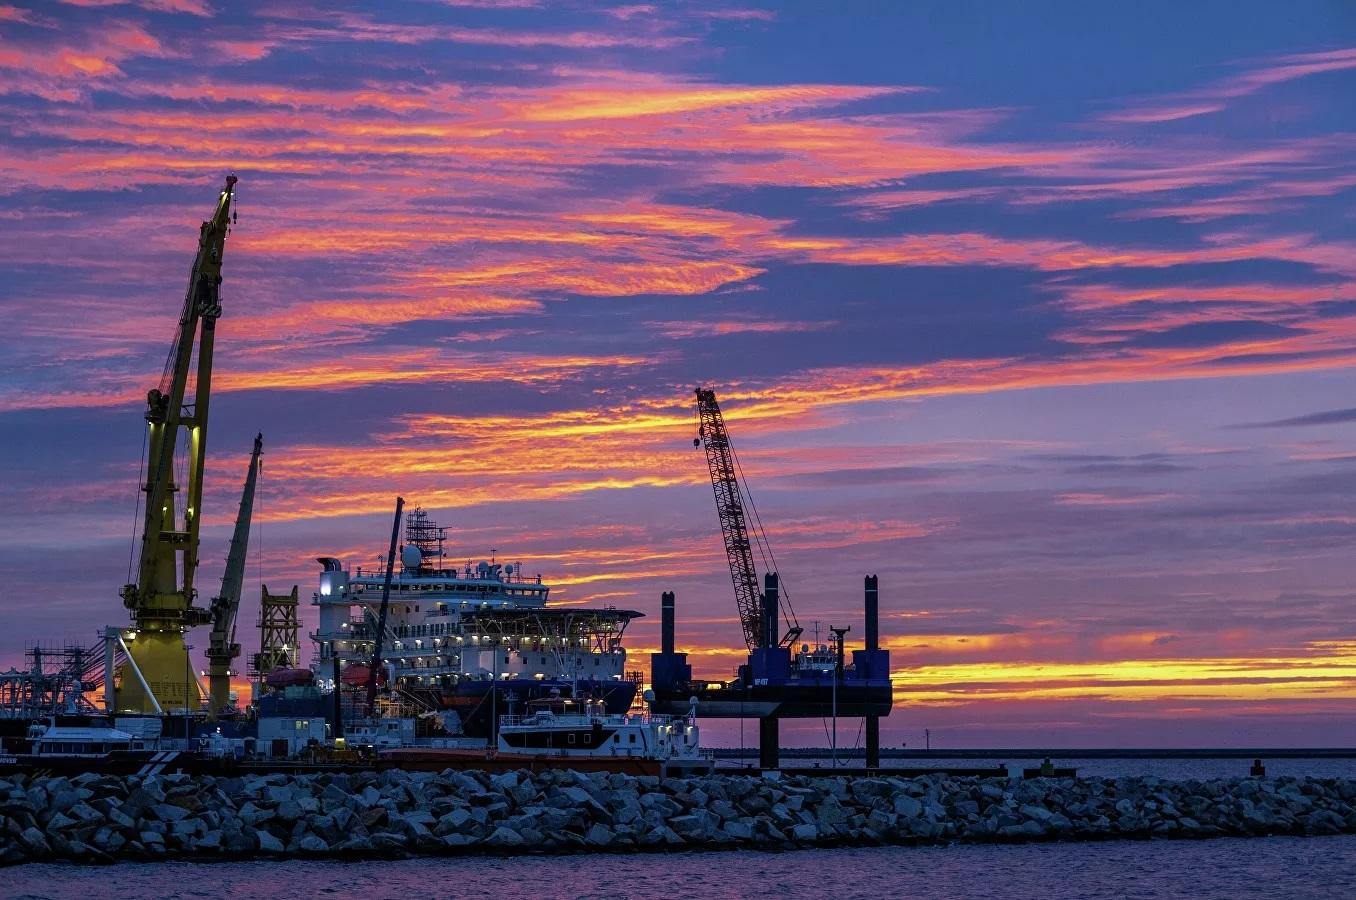 'Nạn nhân thực sự' trong cuộc chiến chống lại Nord Stream 2 của Mỹ